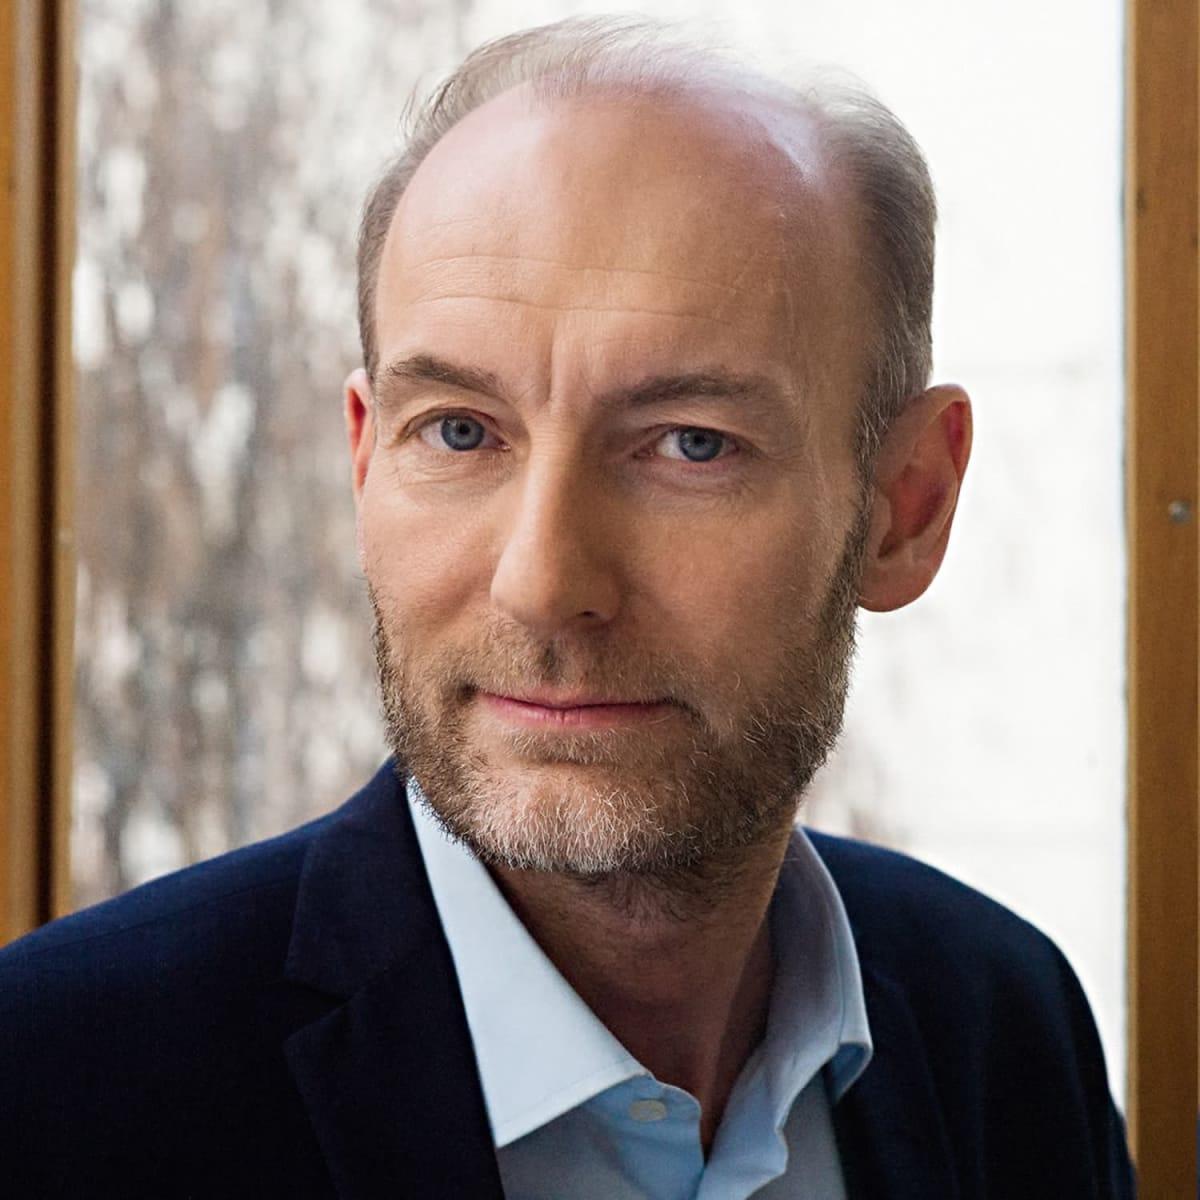 Knut Olav Åmås er direktør i Stiftelsen Fritt Ord siden 2014. Han har også vært statssekretær i Kulturdepartementet og kultur- og debattredaktør i Aftenposten. Han har flere styreverv, har utgitt 20 bøker og mottatt flere priser.